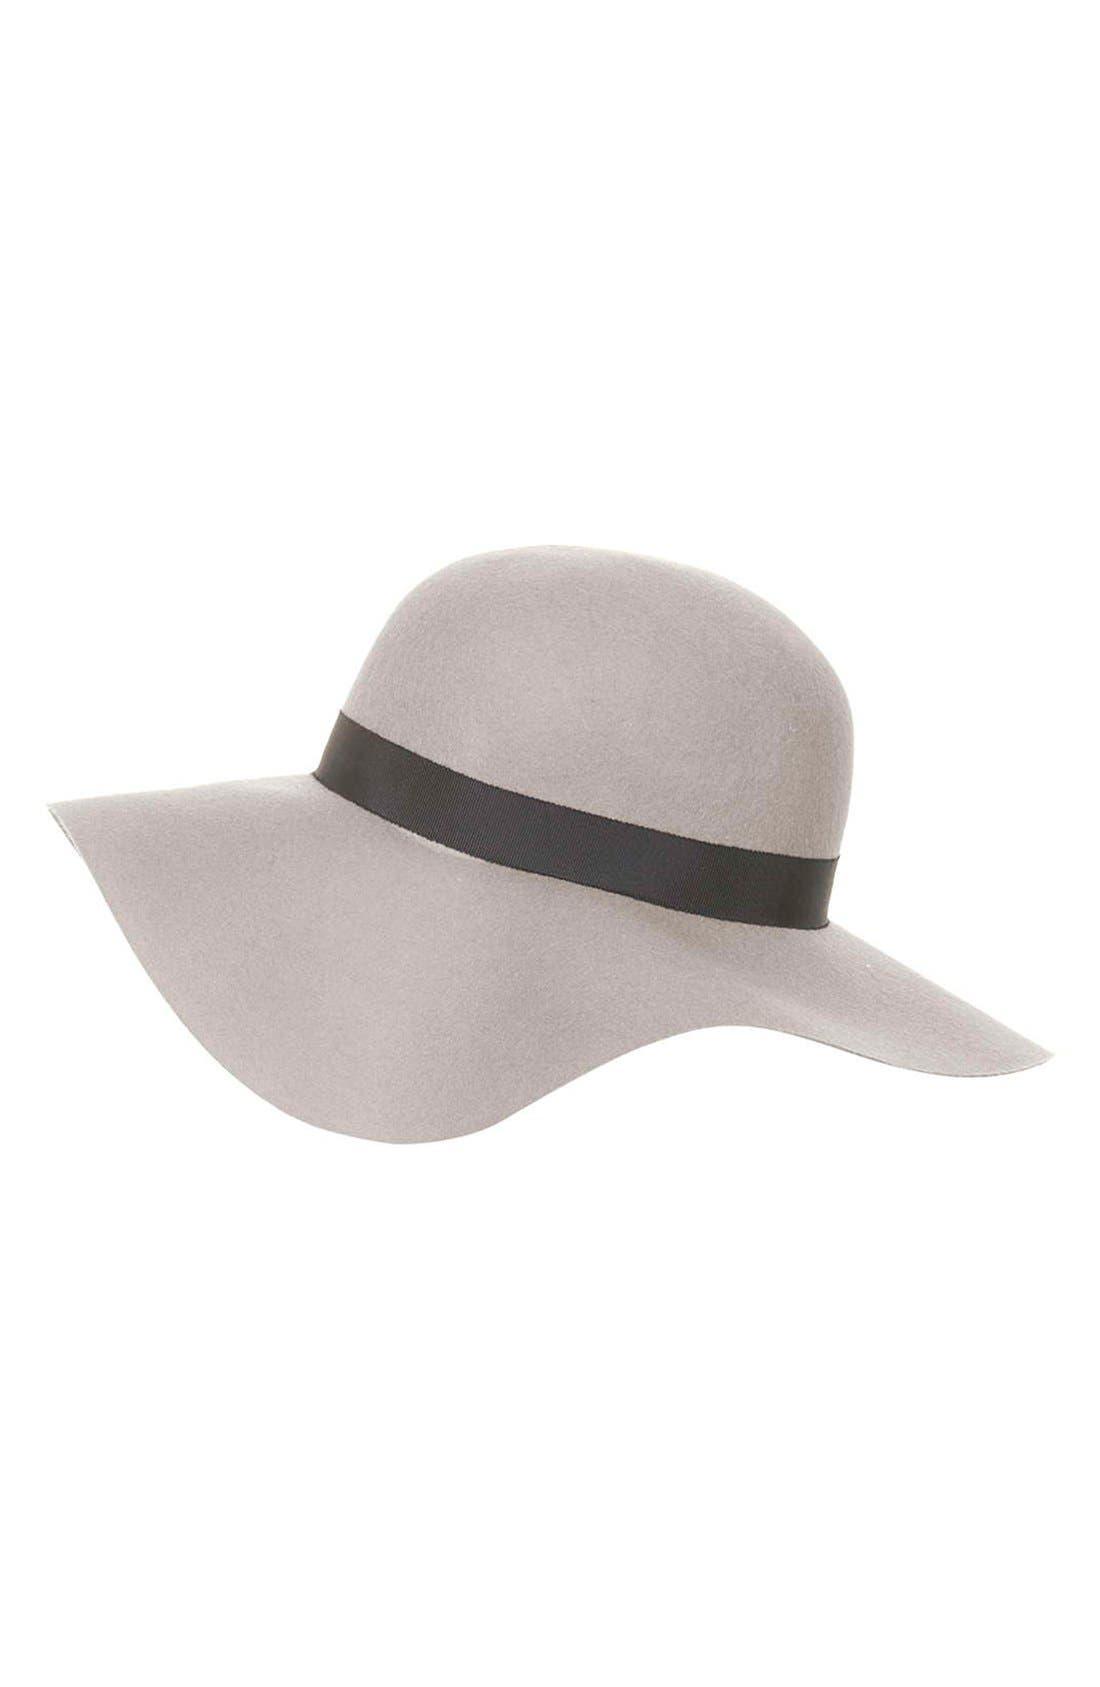 Floppy Wool Felt Hat,                             Alternate thumbnail 3, color,                             Grey